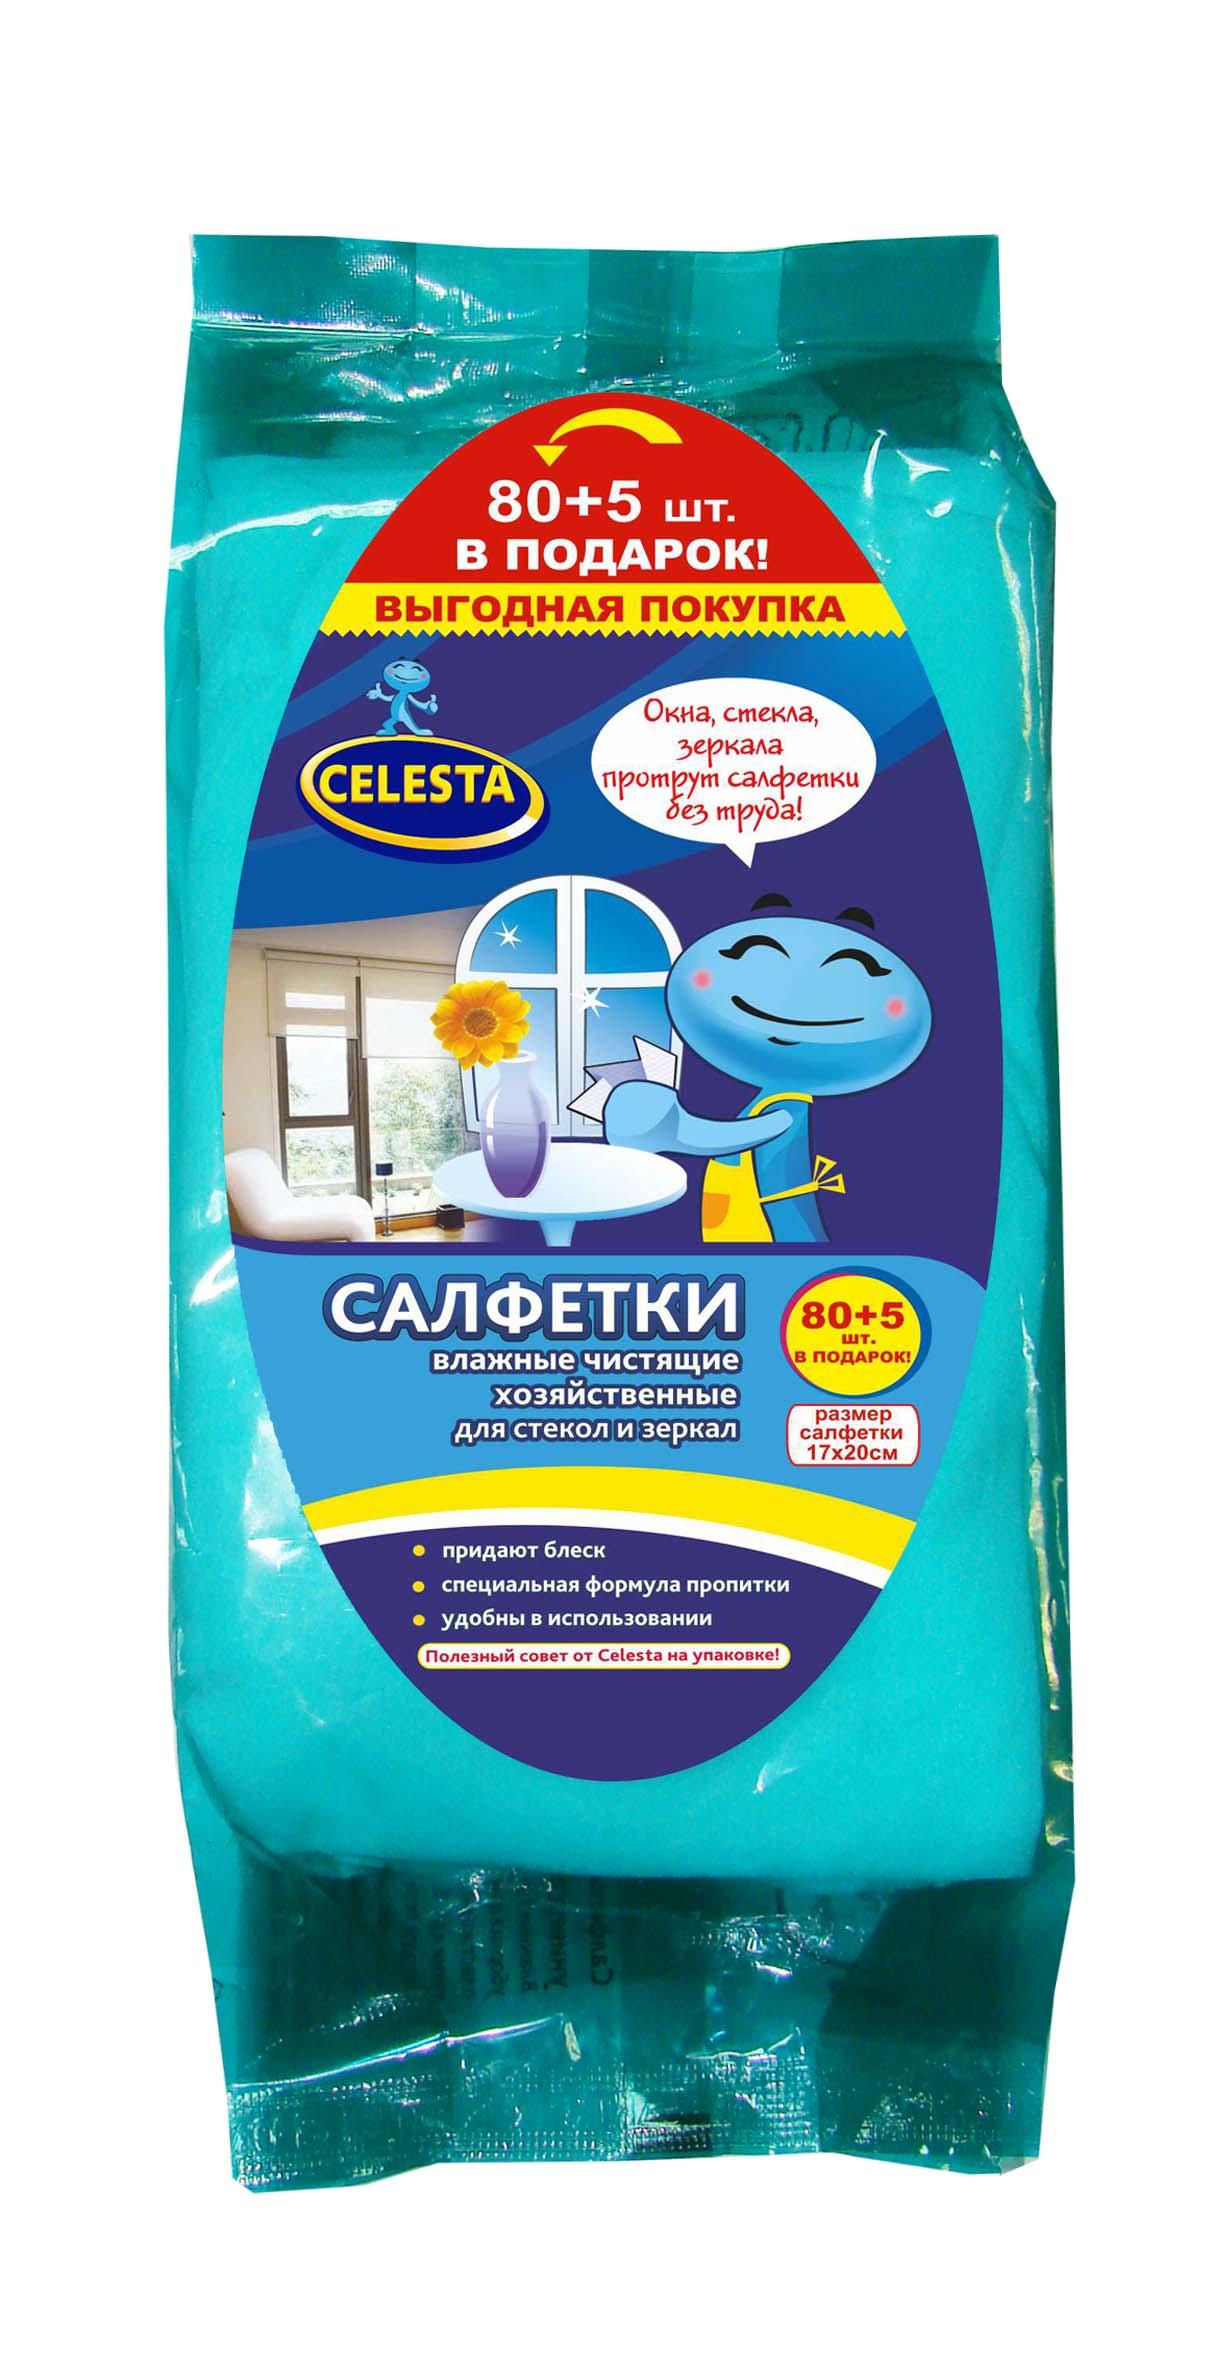 Салфетки влажные Celesta, для стекол и зеркал, 85 шт5598Влажные чистящие салфетки Celesta быстро очистят стеклянные поверхности и зеркала от любых видов загрязнений и пыли. Благодаря специальной формуле пропитки, не оставляют разводов, ворсинок, придают блеск обрабатываемым поверхностям. Пропитывающий состав безопасен для кожи рук. Размер салфетки: 17 см х 20 см.Состав: нетканое полотно, пропитывающий лосьон.